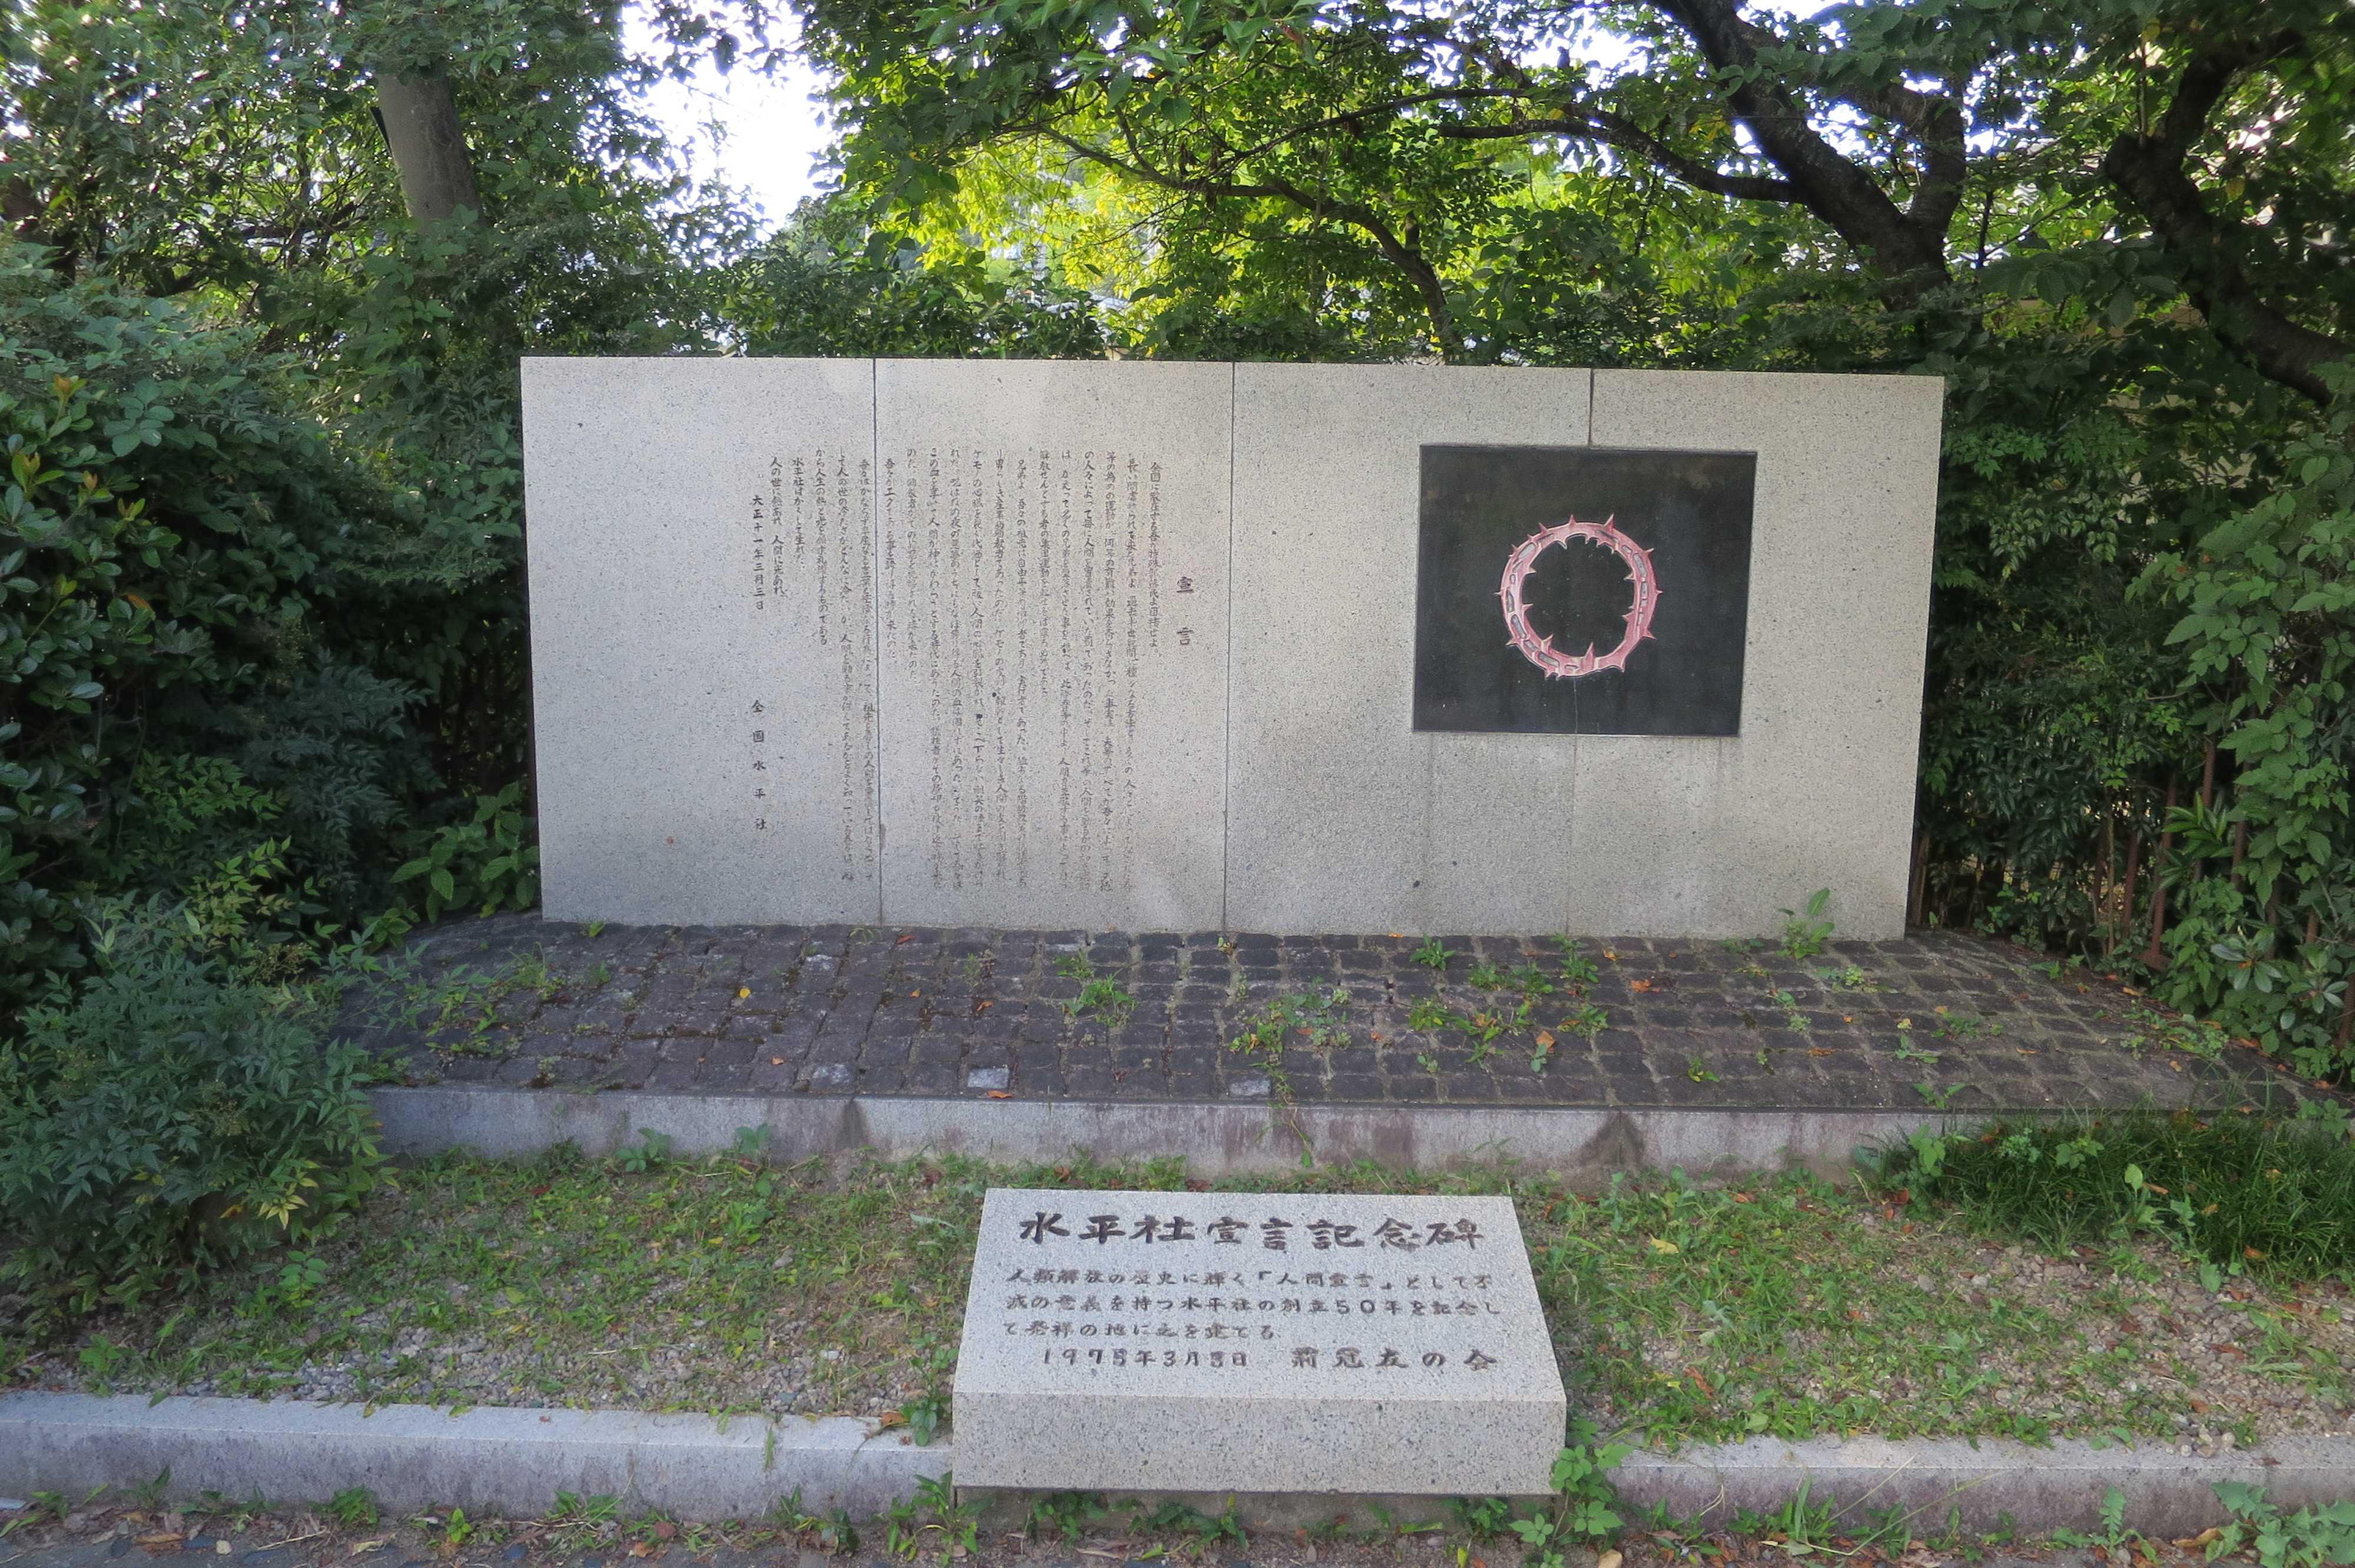 水平社宣言記念碑